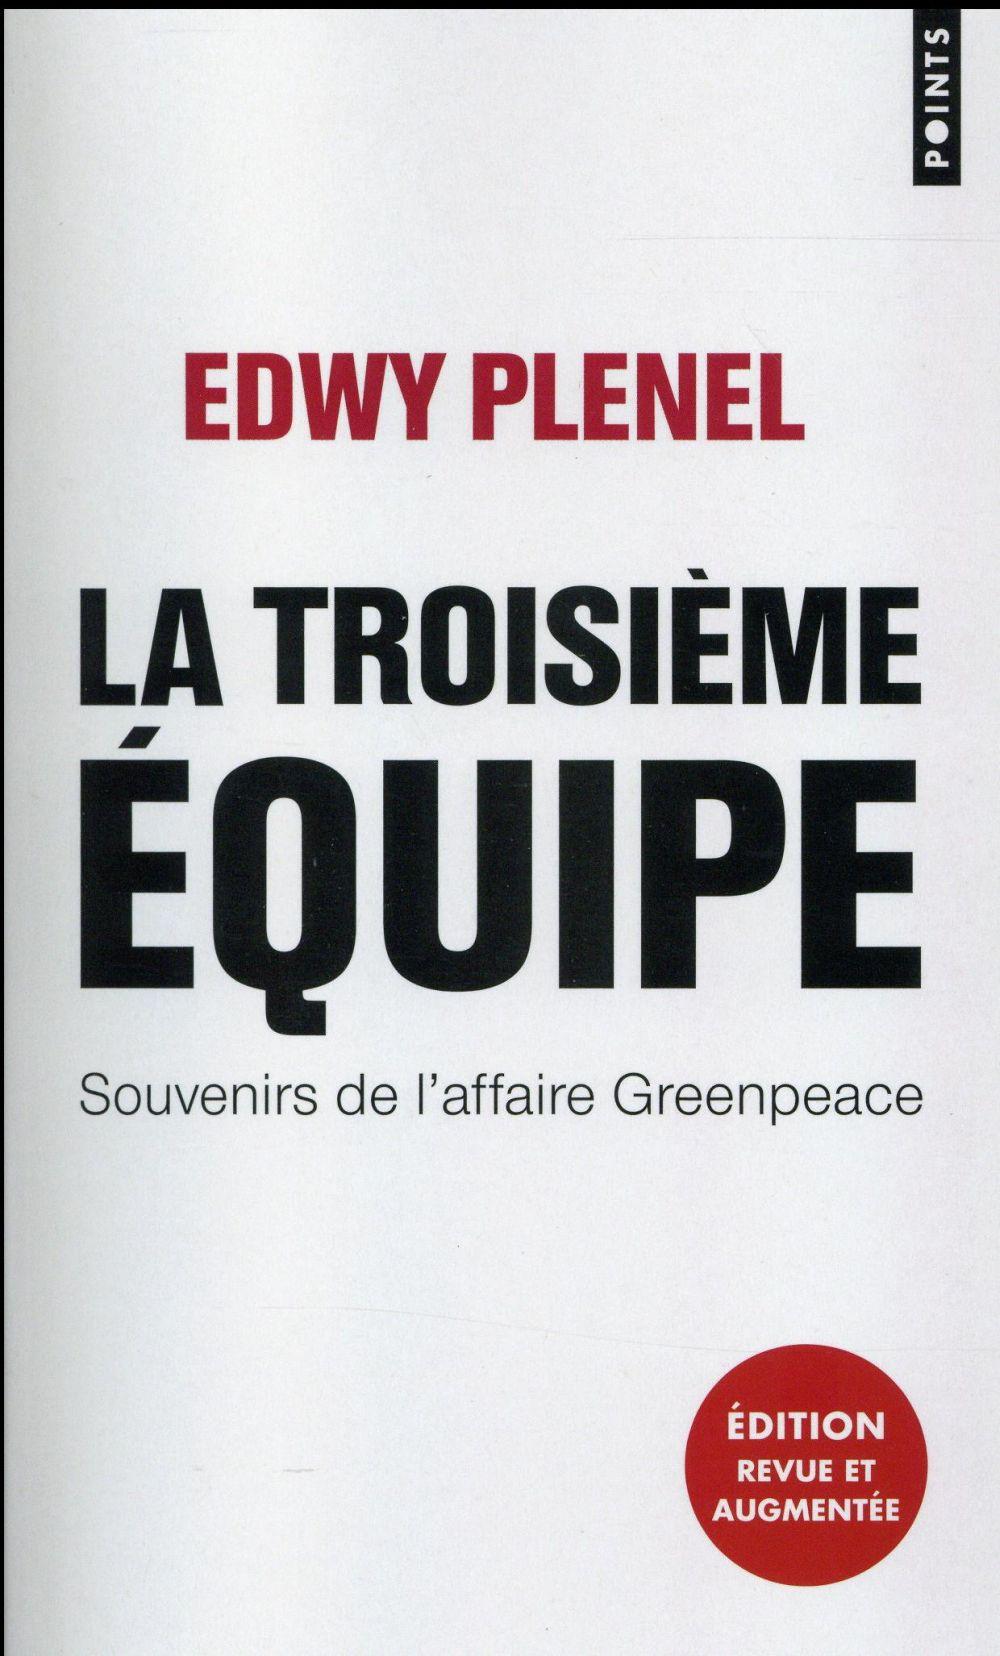 LA TROISIEME EQUIPE. SOUVENIRS DE L'AFFAIRE GREENPEACE